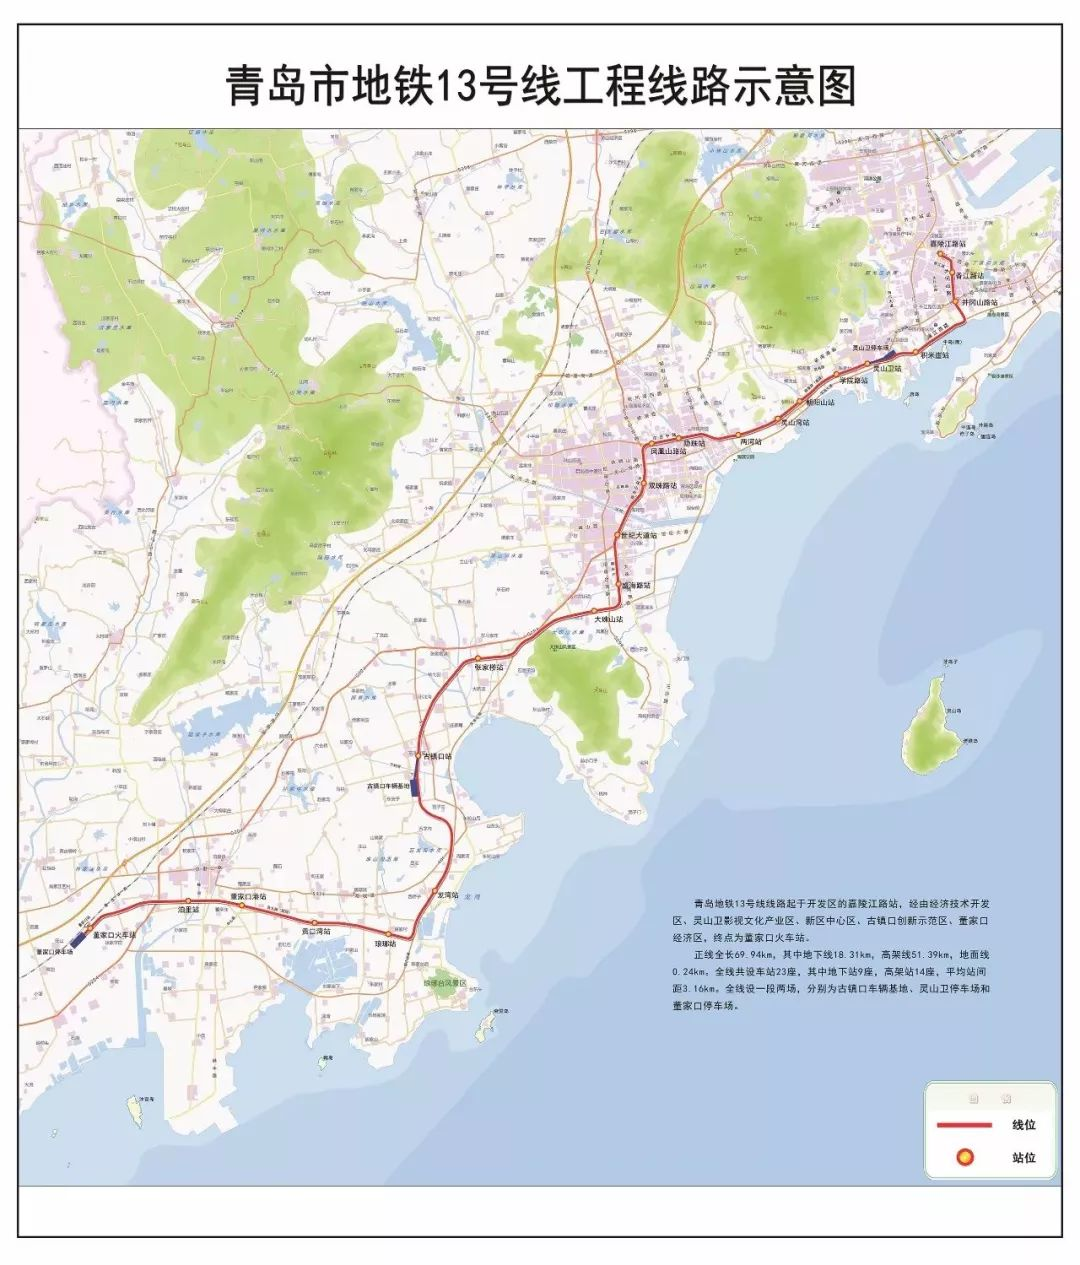 青岛地铁13号线最新:已进入全线动车调试阶段(效果图)